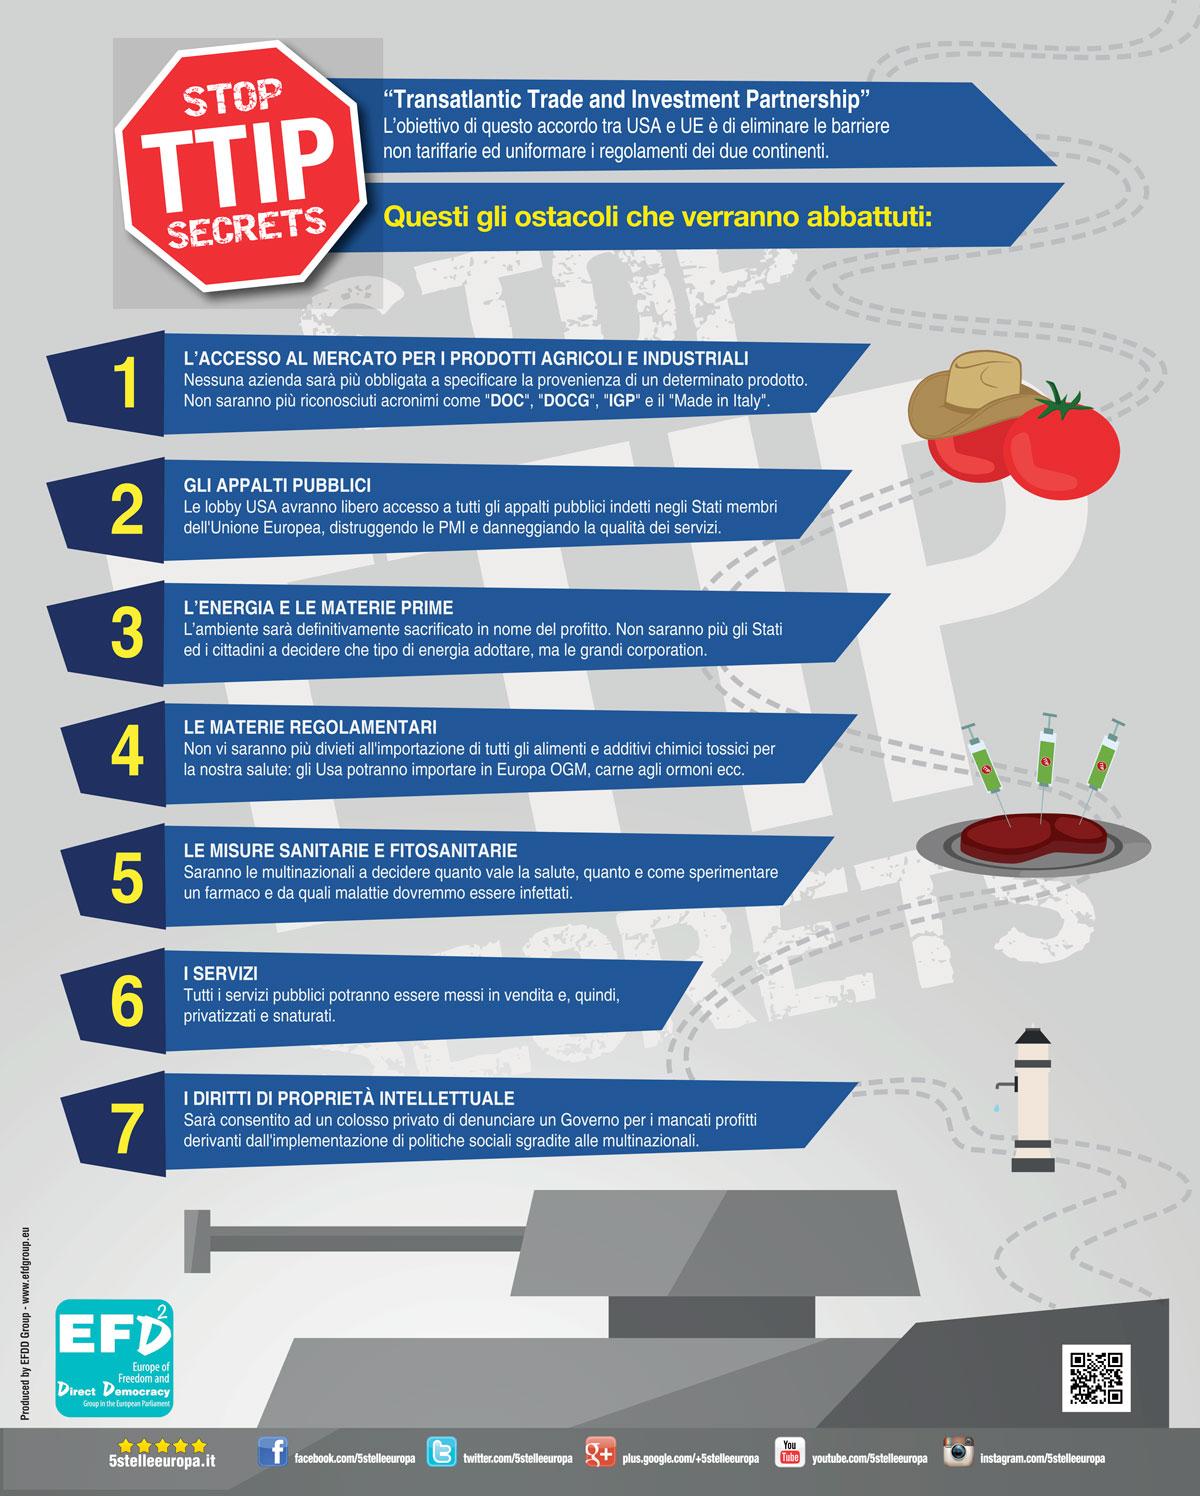 TTIP_manifesto_EFDD_5stelleeuropa_100x80